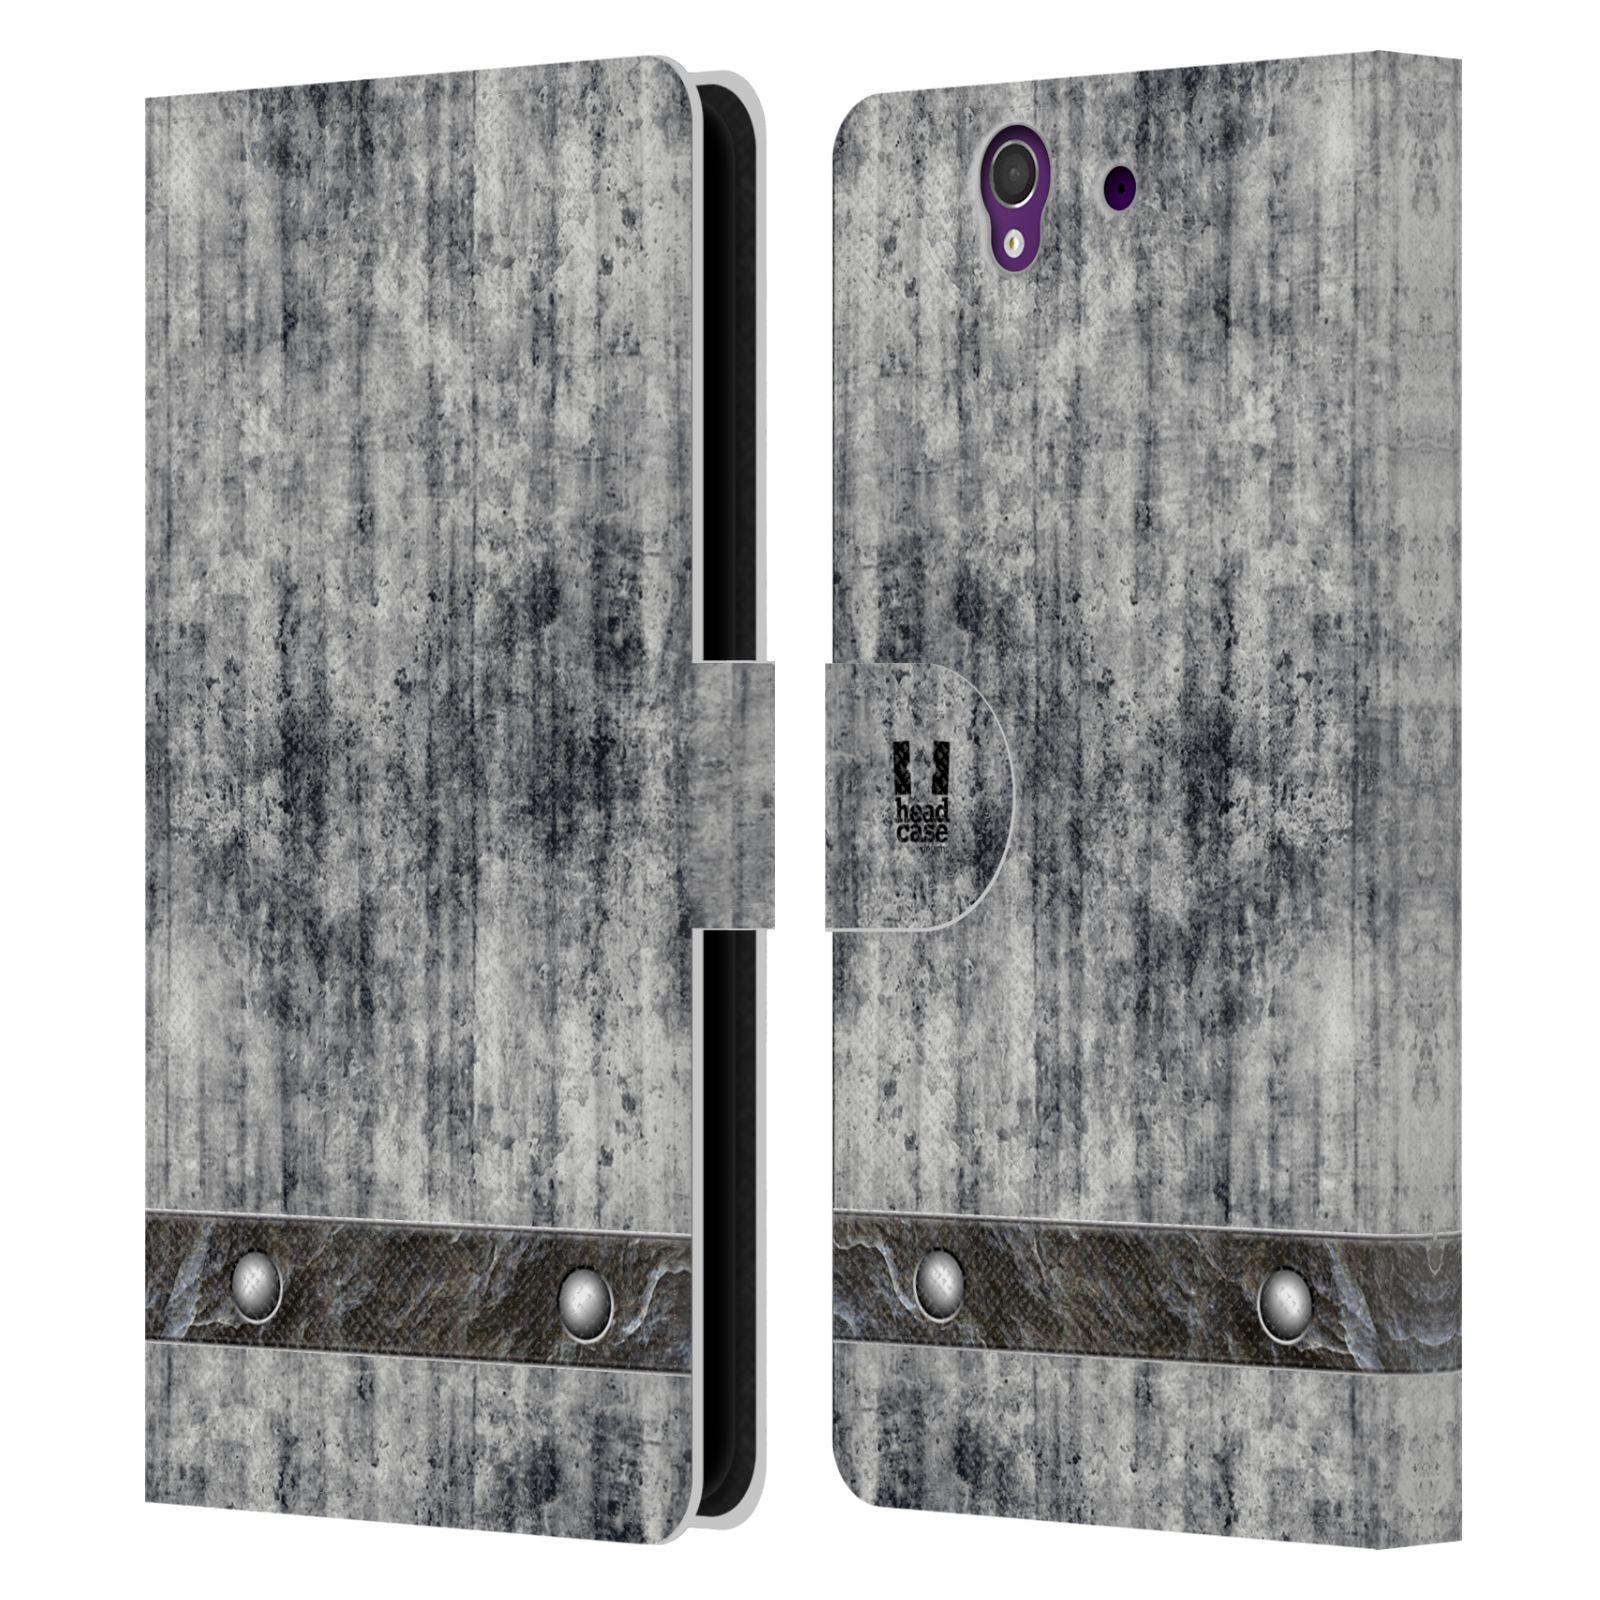 HEAD CASE Flipové pouzdro pro mobil SONY XPERIA Z (C6603) stavební textury beton šedá